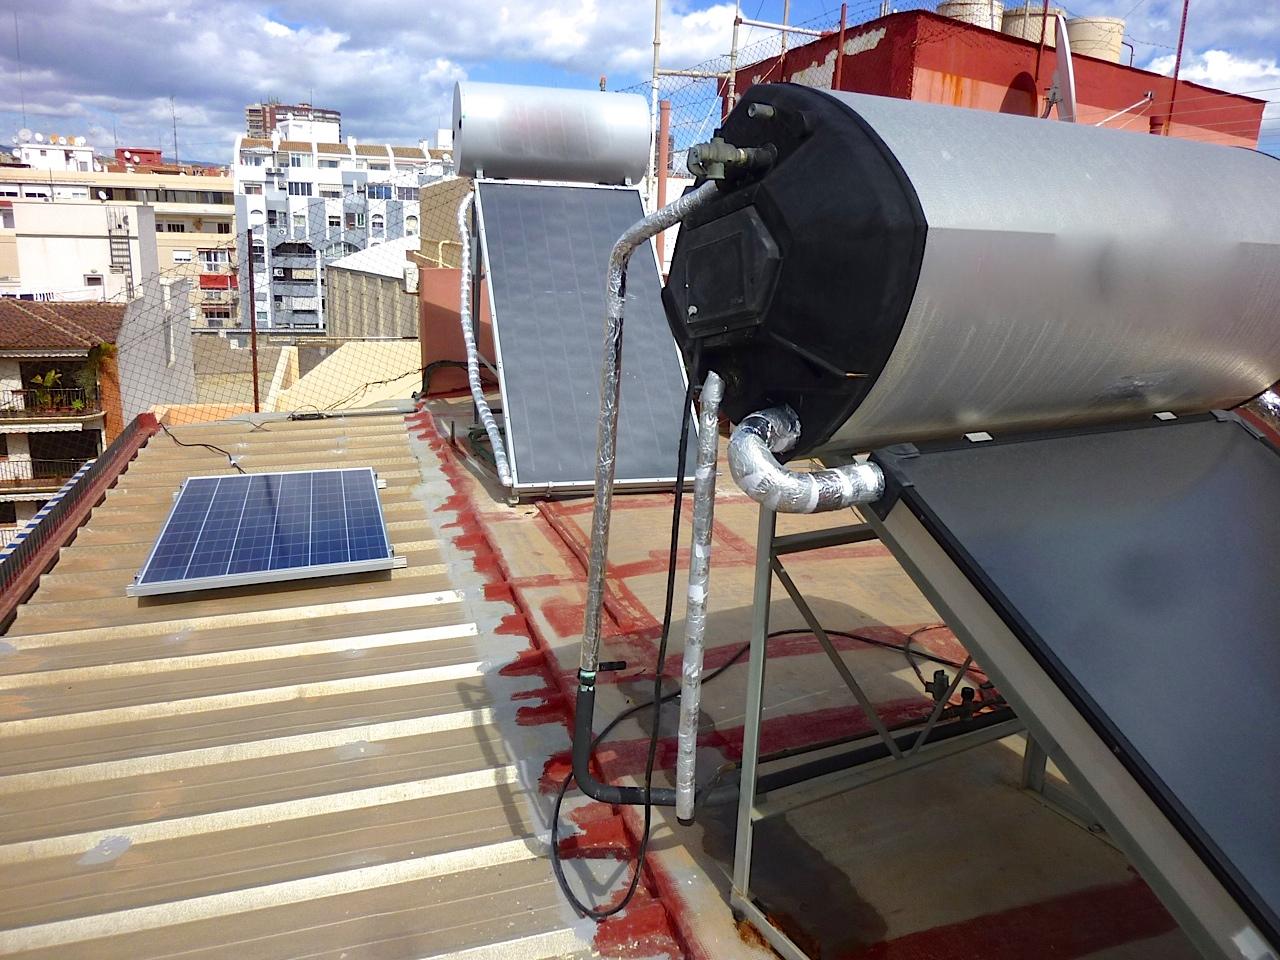 Jard n solar autoconsumo solar realmente funciona for Puedo poner placas solares en mi casa